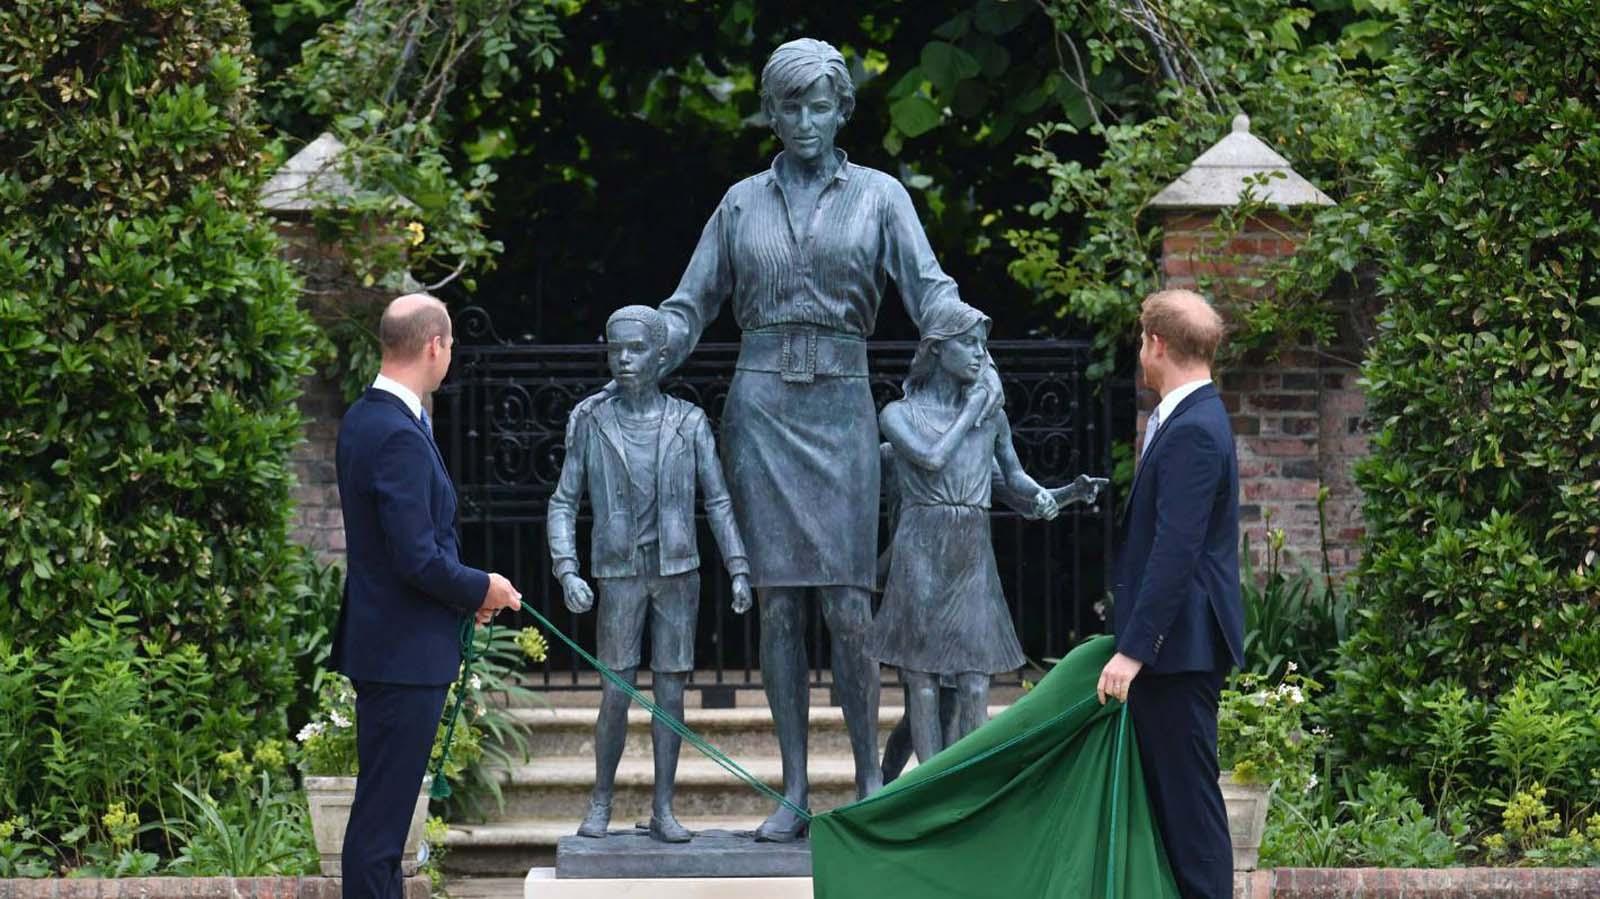 Prenses Diana'nın 60. doğum günü heykeli ortaya çıktı! Prens Harry ve Prens William bir araya geldi!